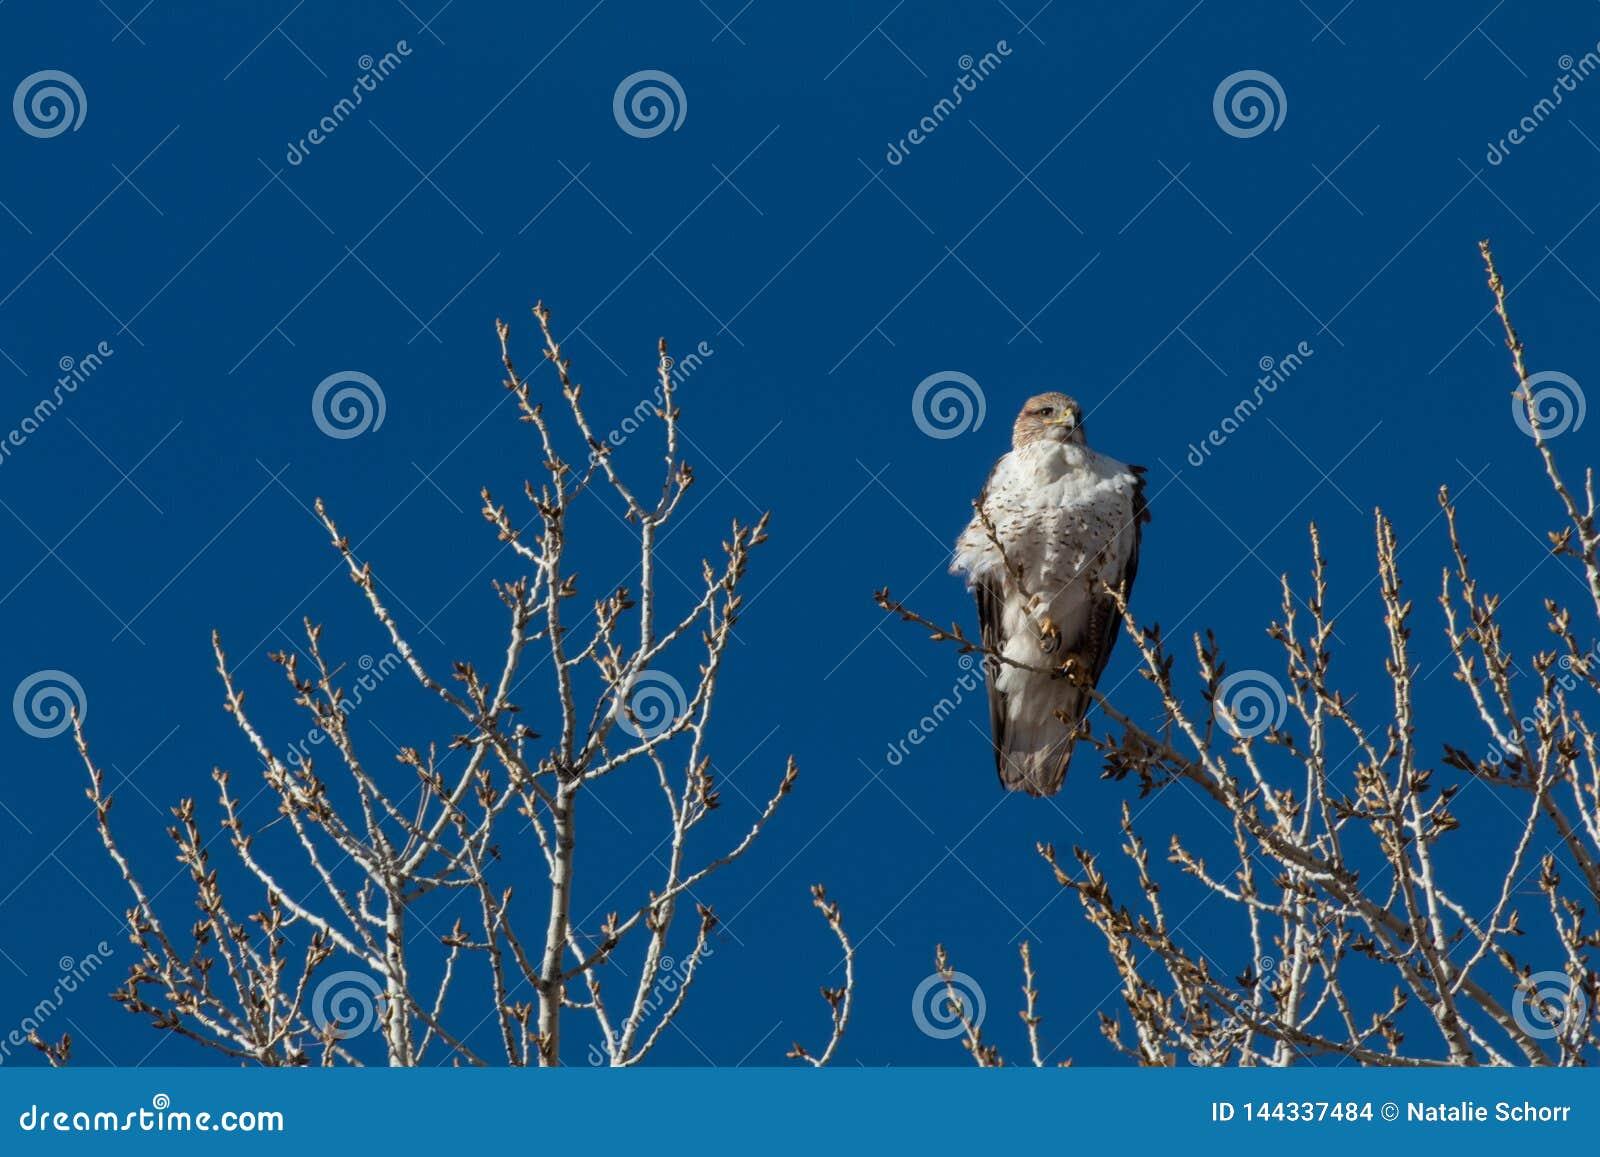 Bosque del Apache New Mexico, Ferruginous Hawk Buteo regalis against a brilliant blue sky, bare winter branches